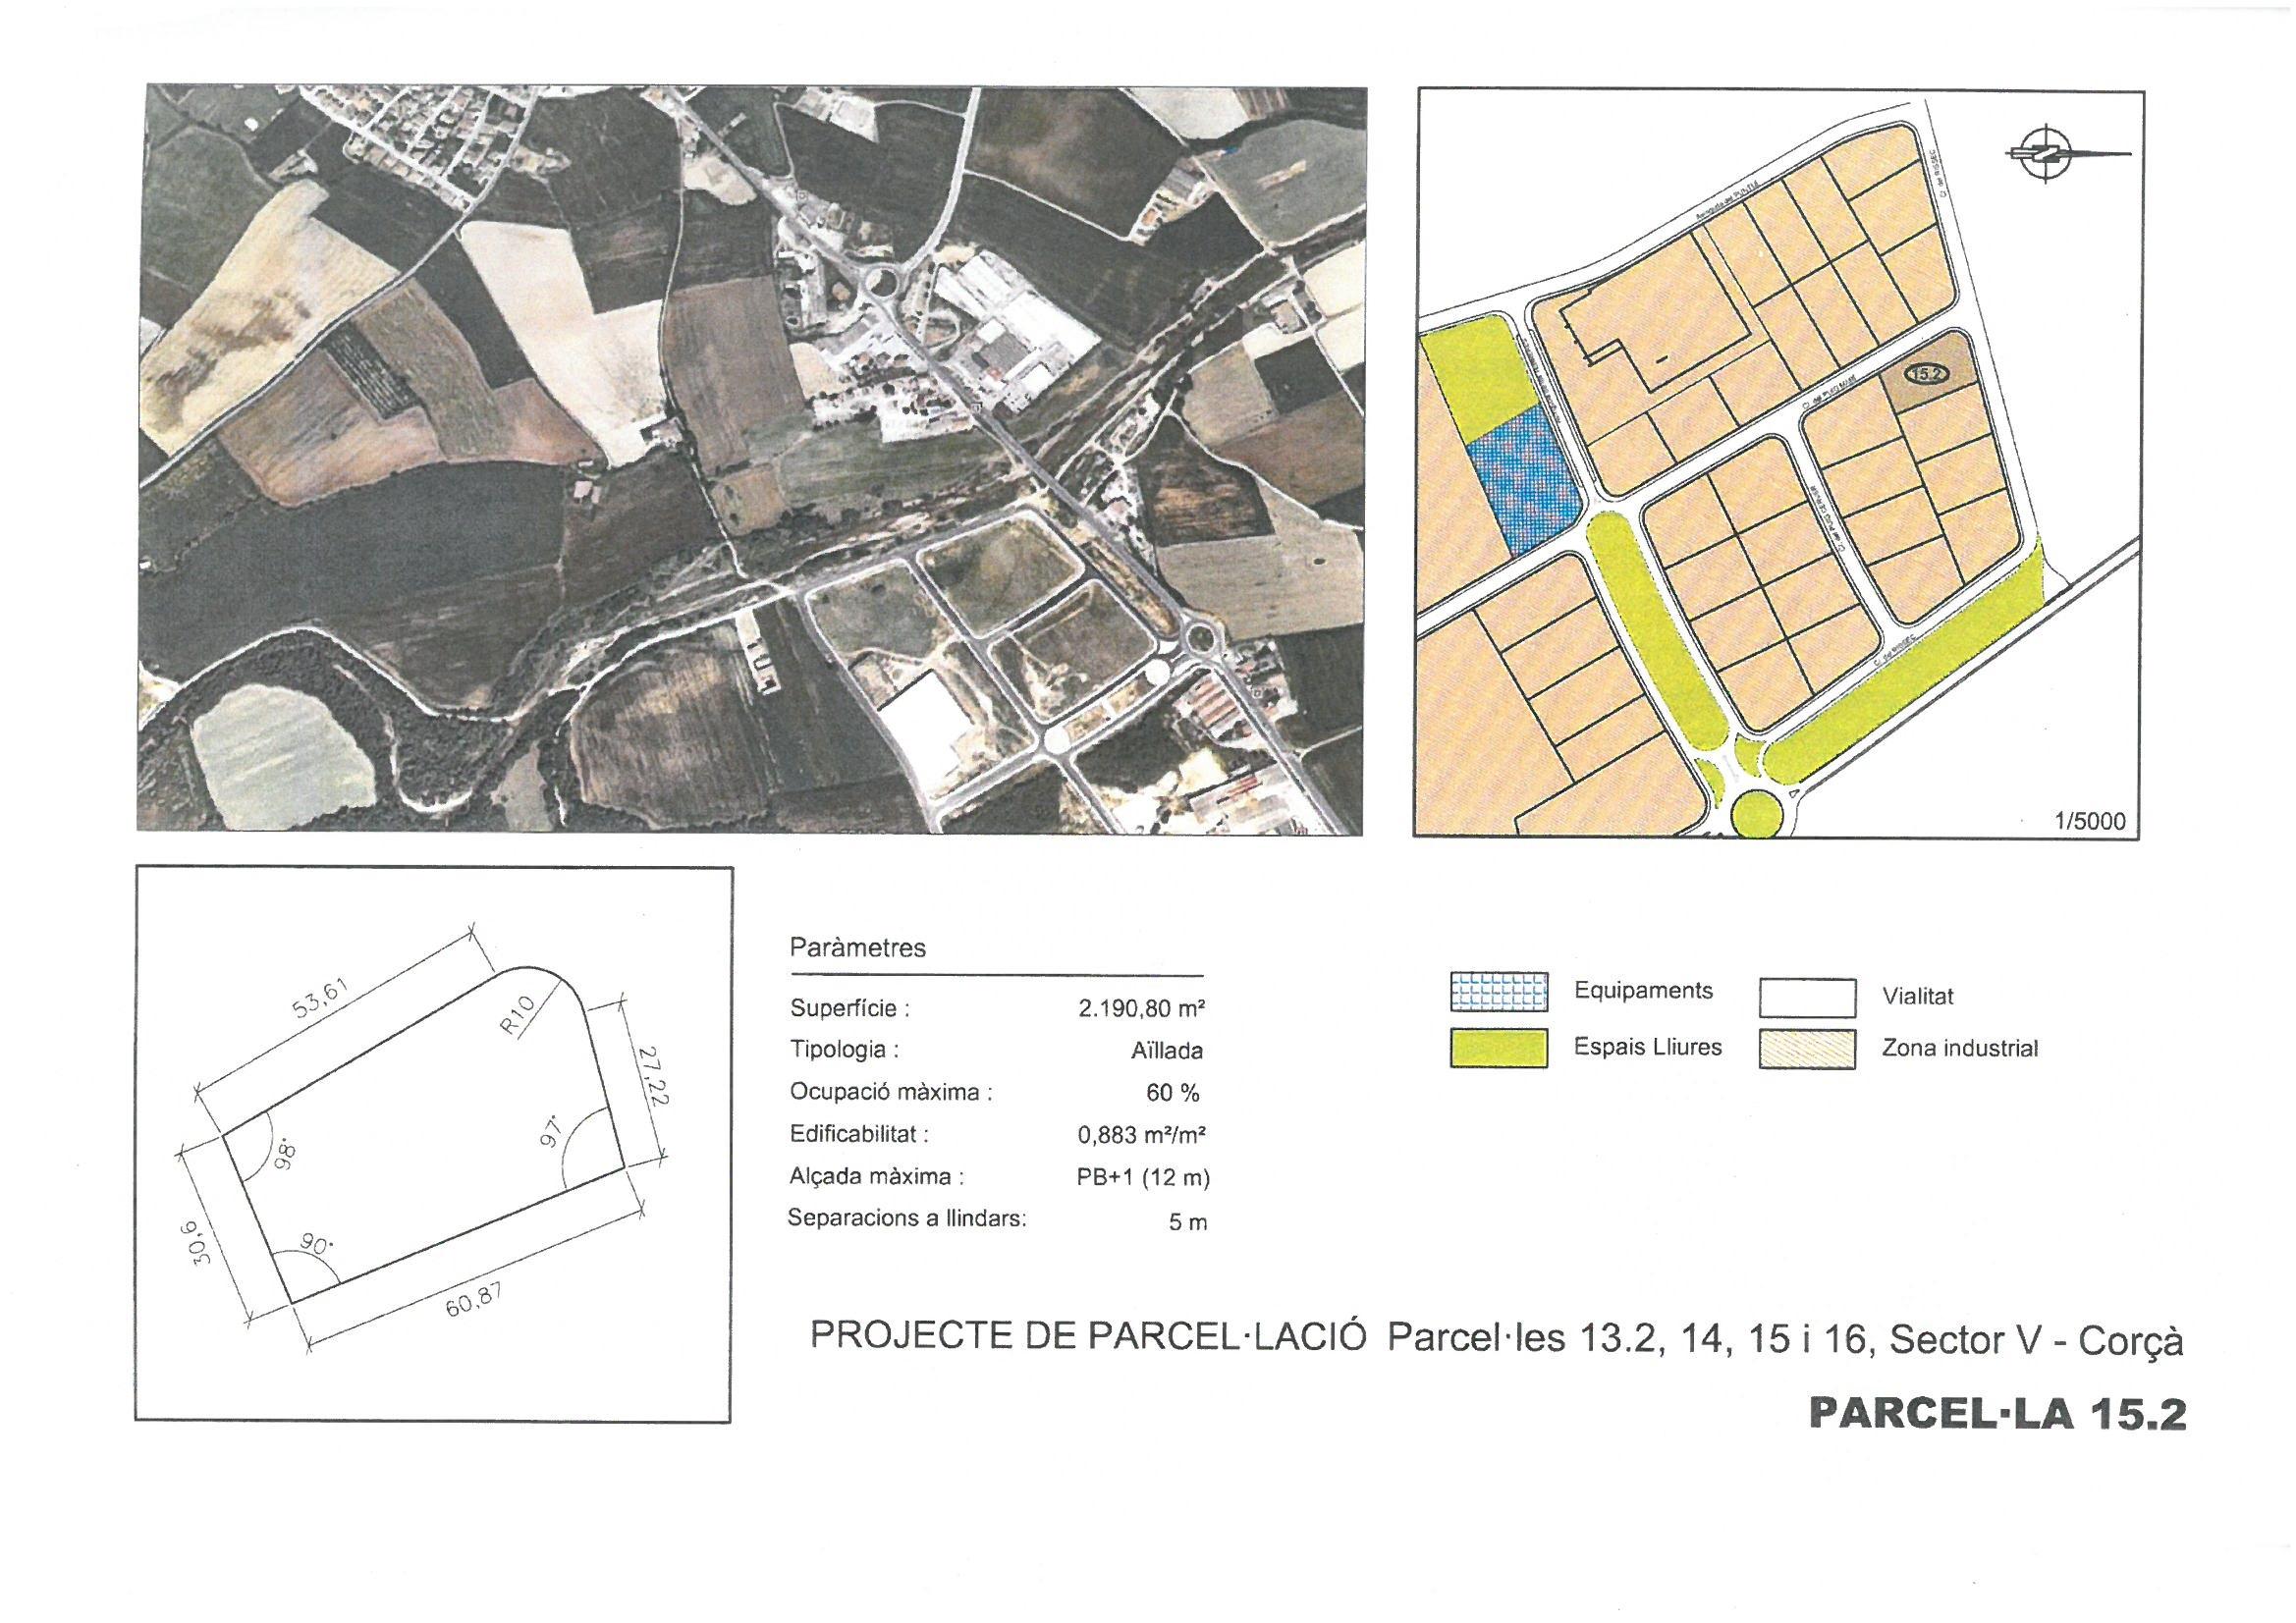 Terme municipal de Corcà, parcel•la 15.2